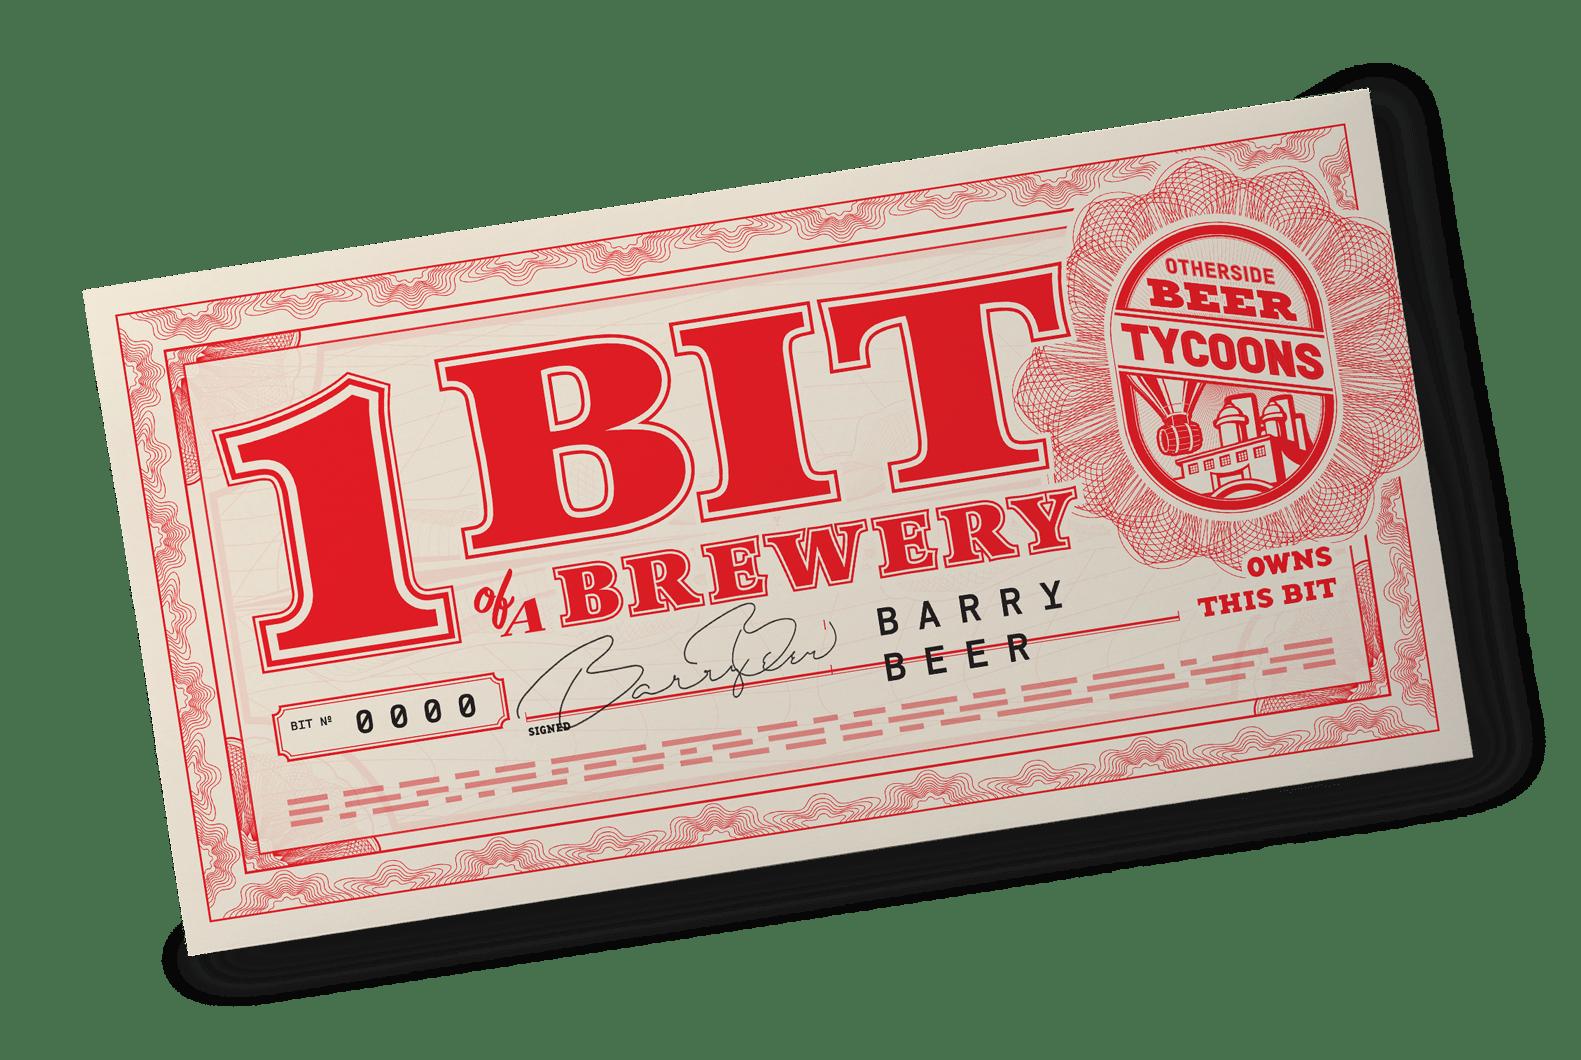 OTH-bit-certificate-2.png